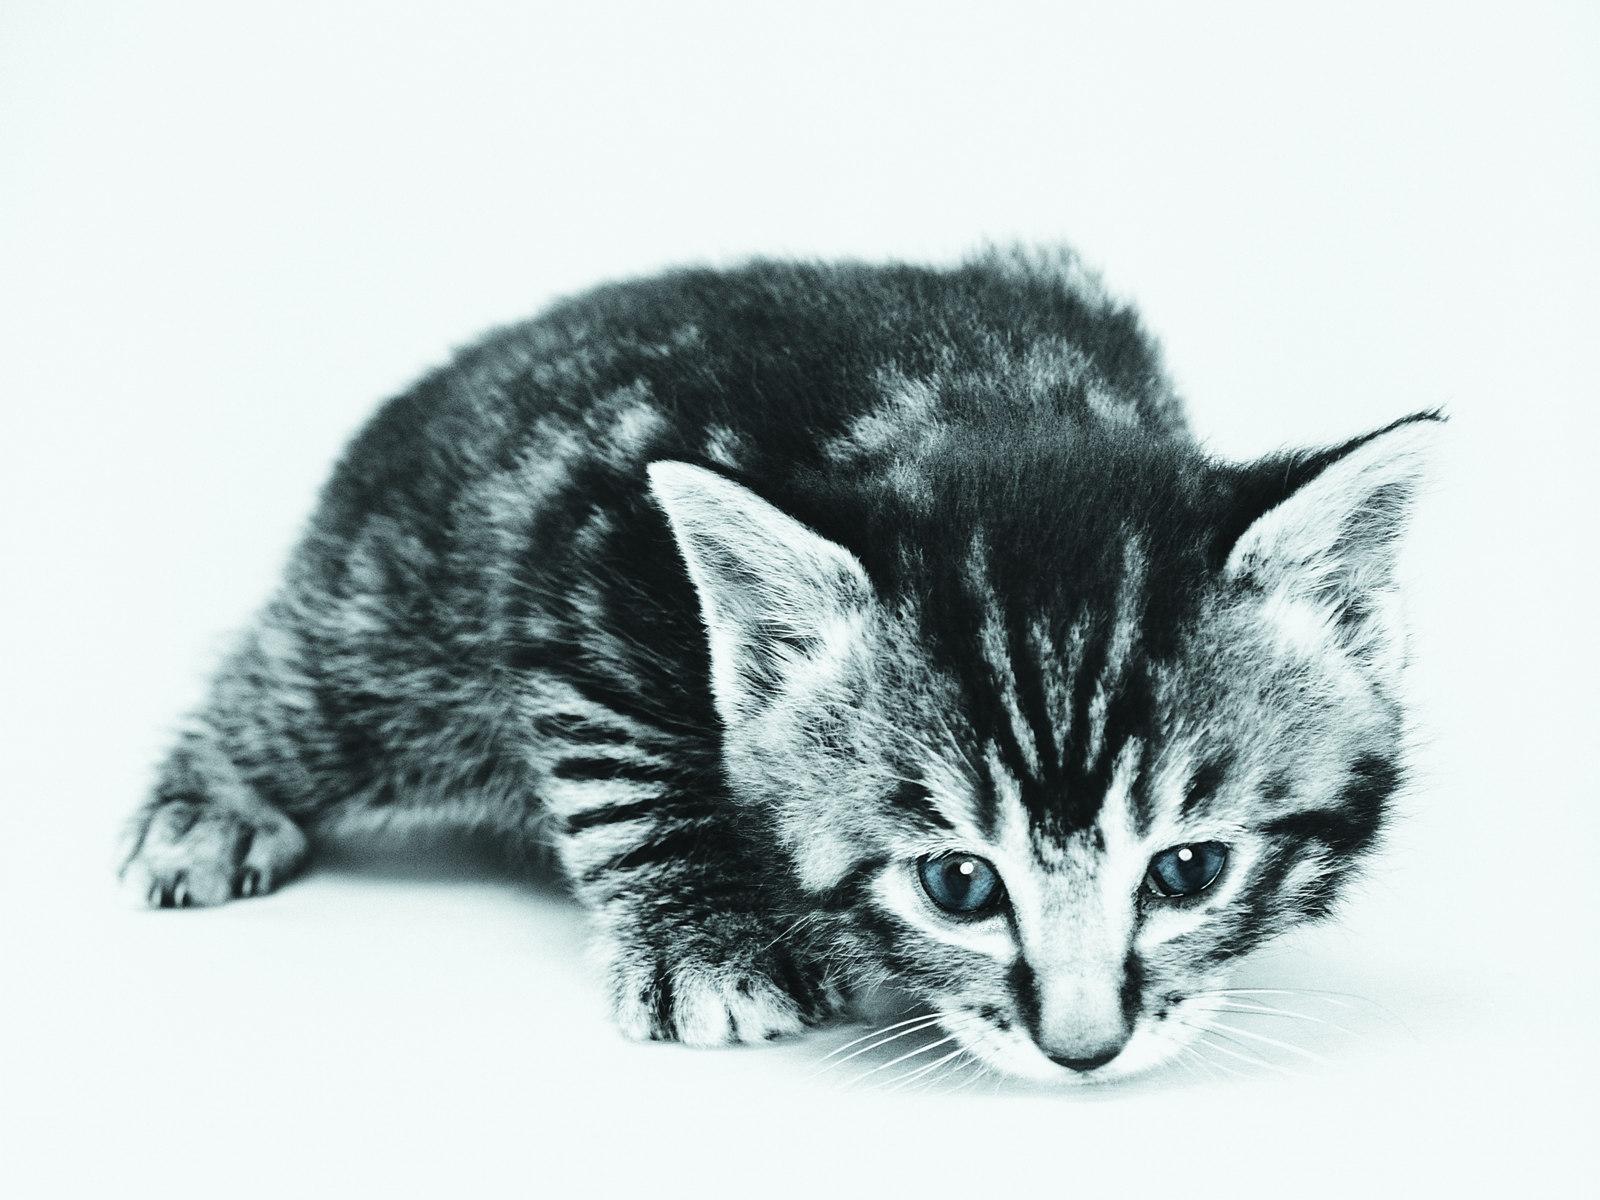 壁纸 狗狗/超萌小猫趣味可爱小猫图片壁纸